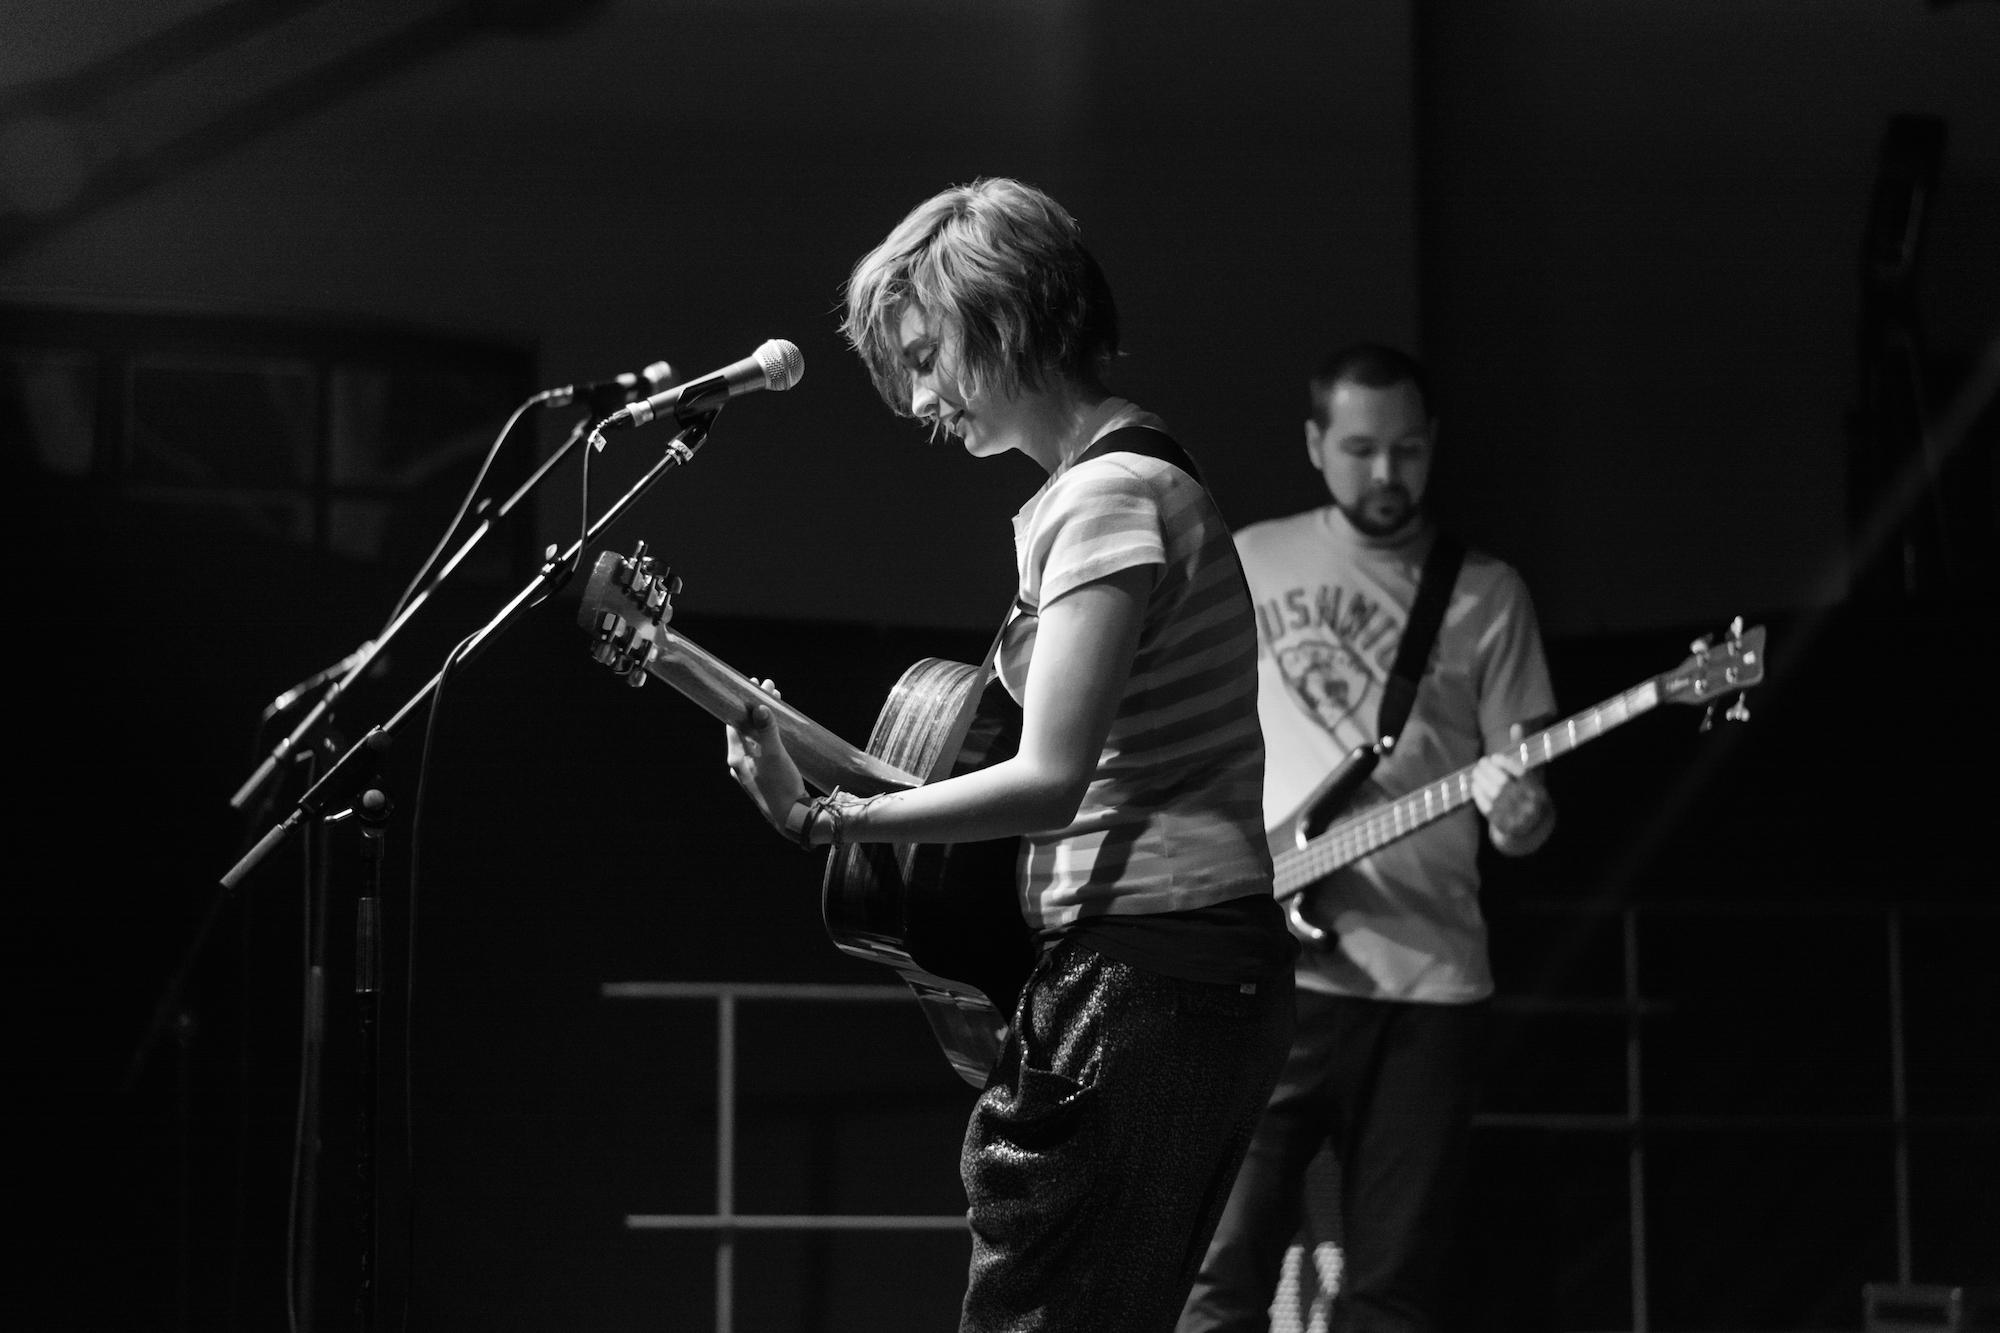 Photo by Julian Koch